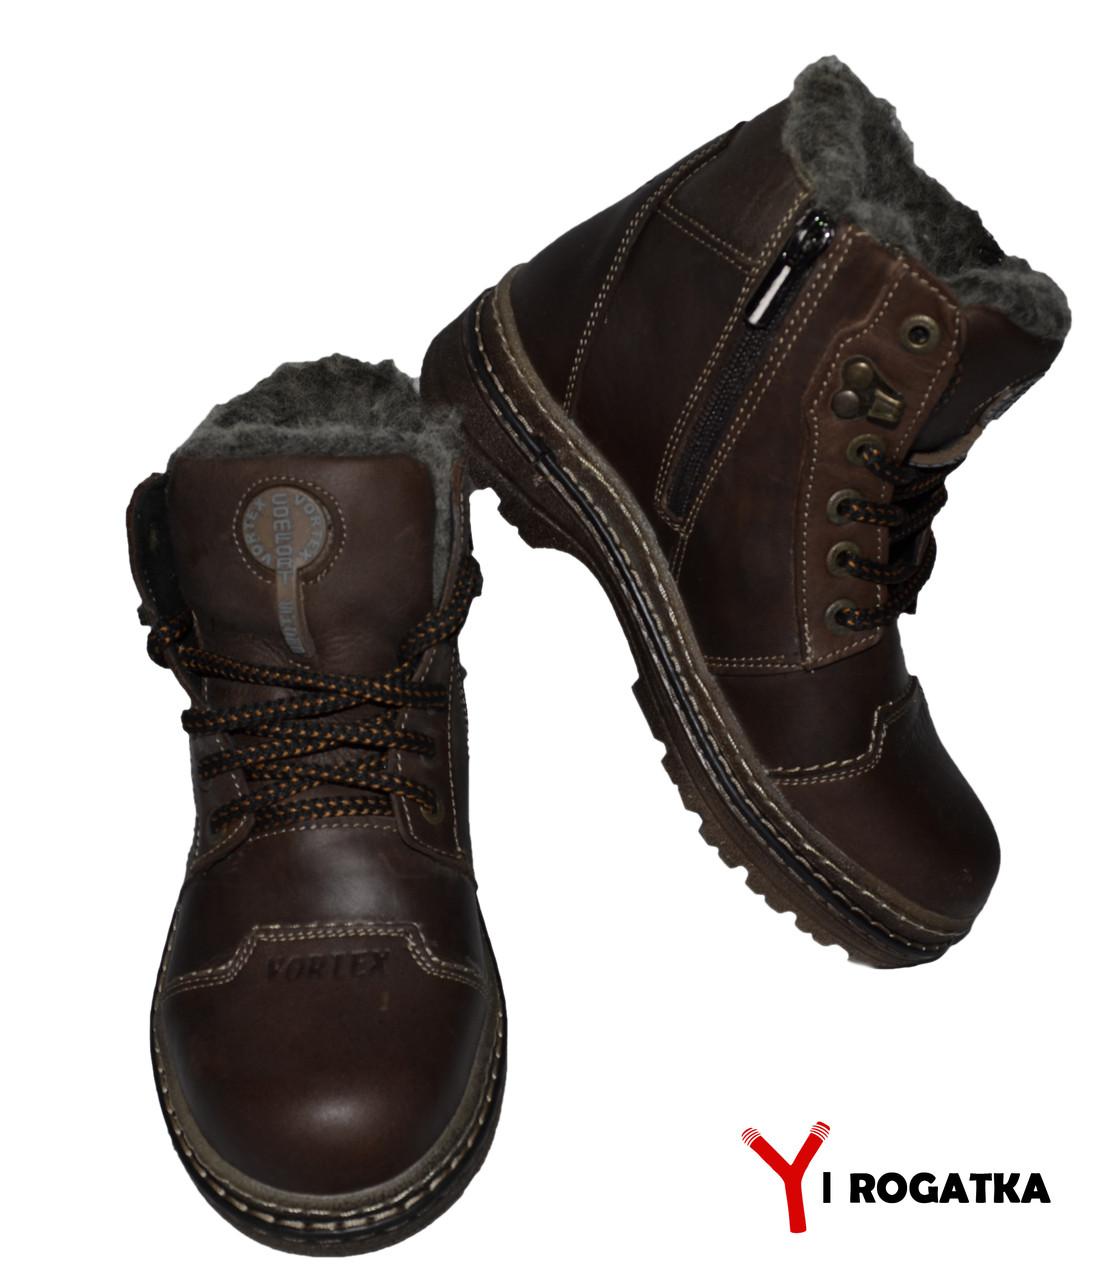 4166193af Подростковые зимние кожаные ботинки. Коричневые Харьков, выбрать из ...